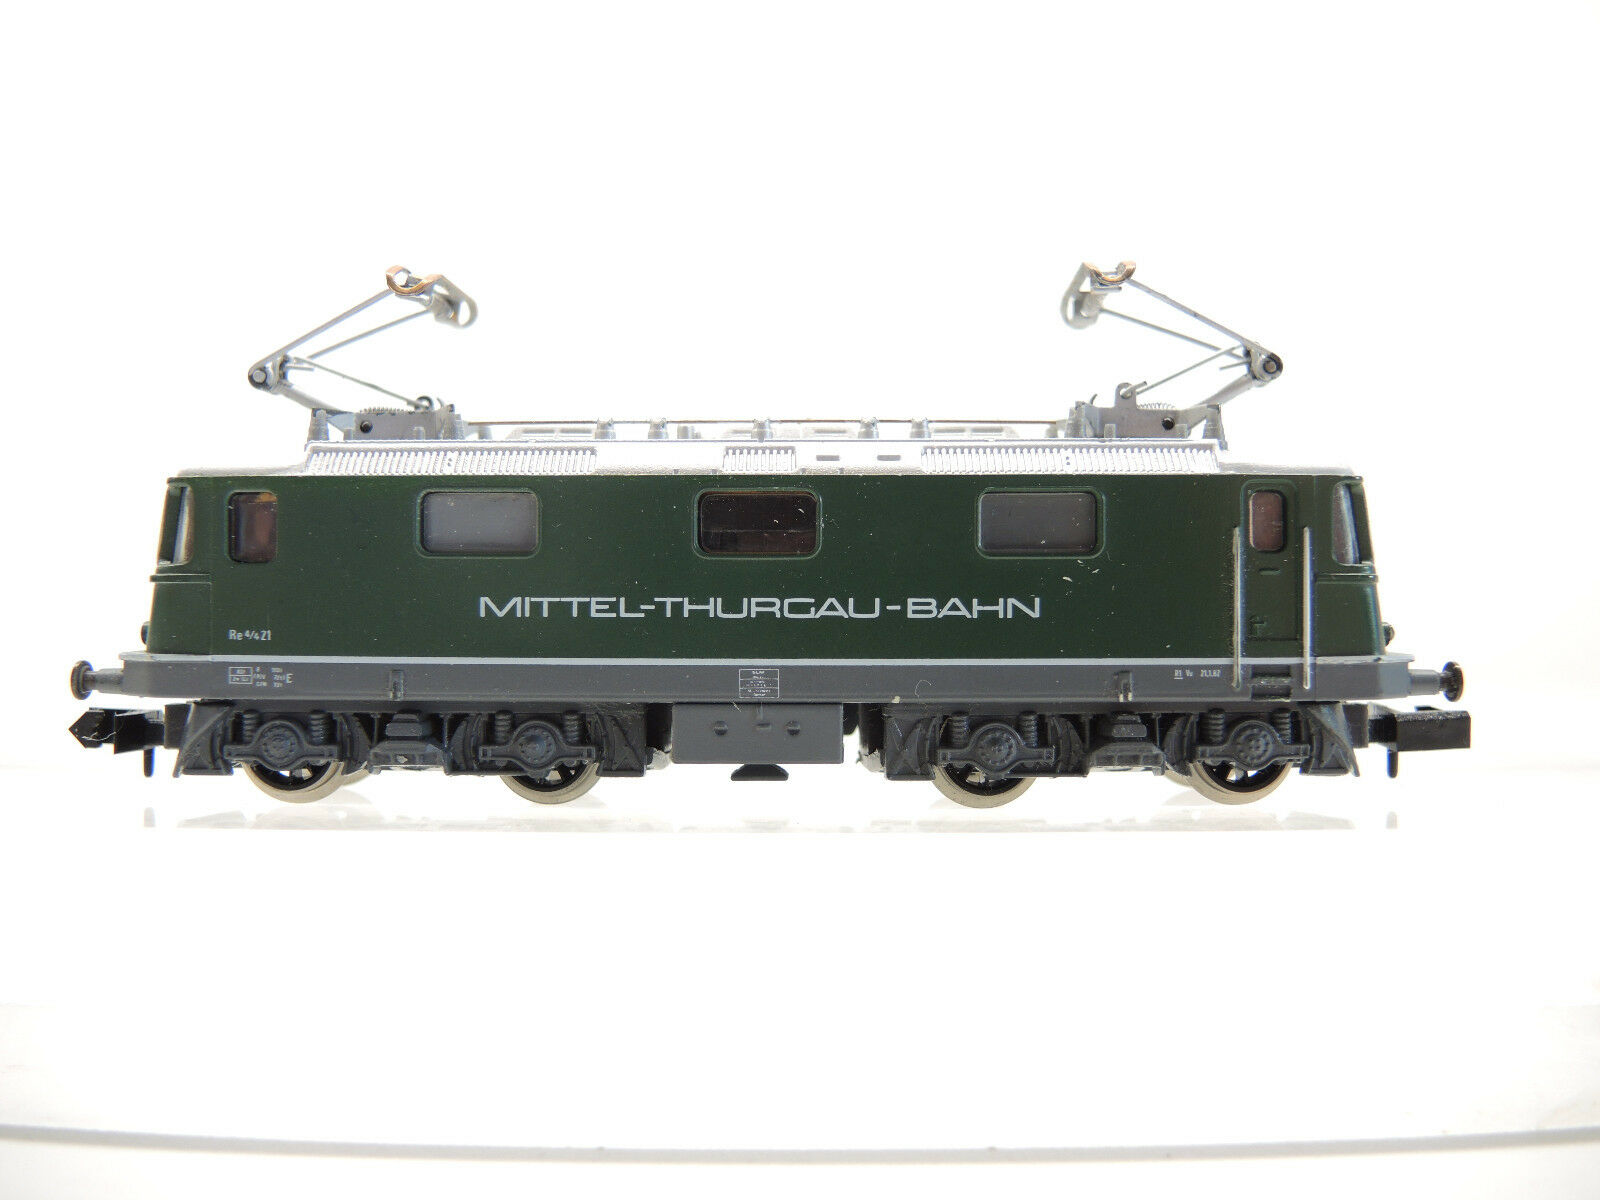 el más barato Arnold 2411 e-Lok, re 4 4 4 4 recursos-sanz-Bahn, muy bien    instrucciones, sin OVP  sorteos de estadio